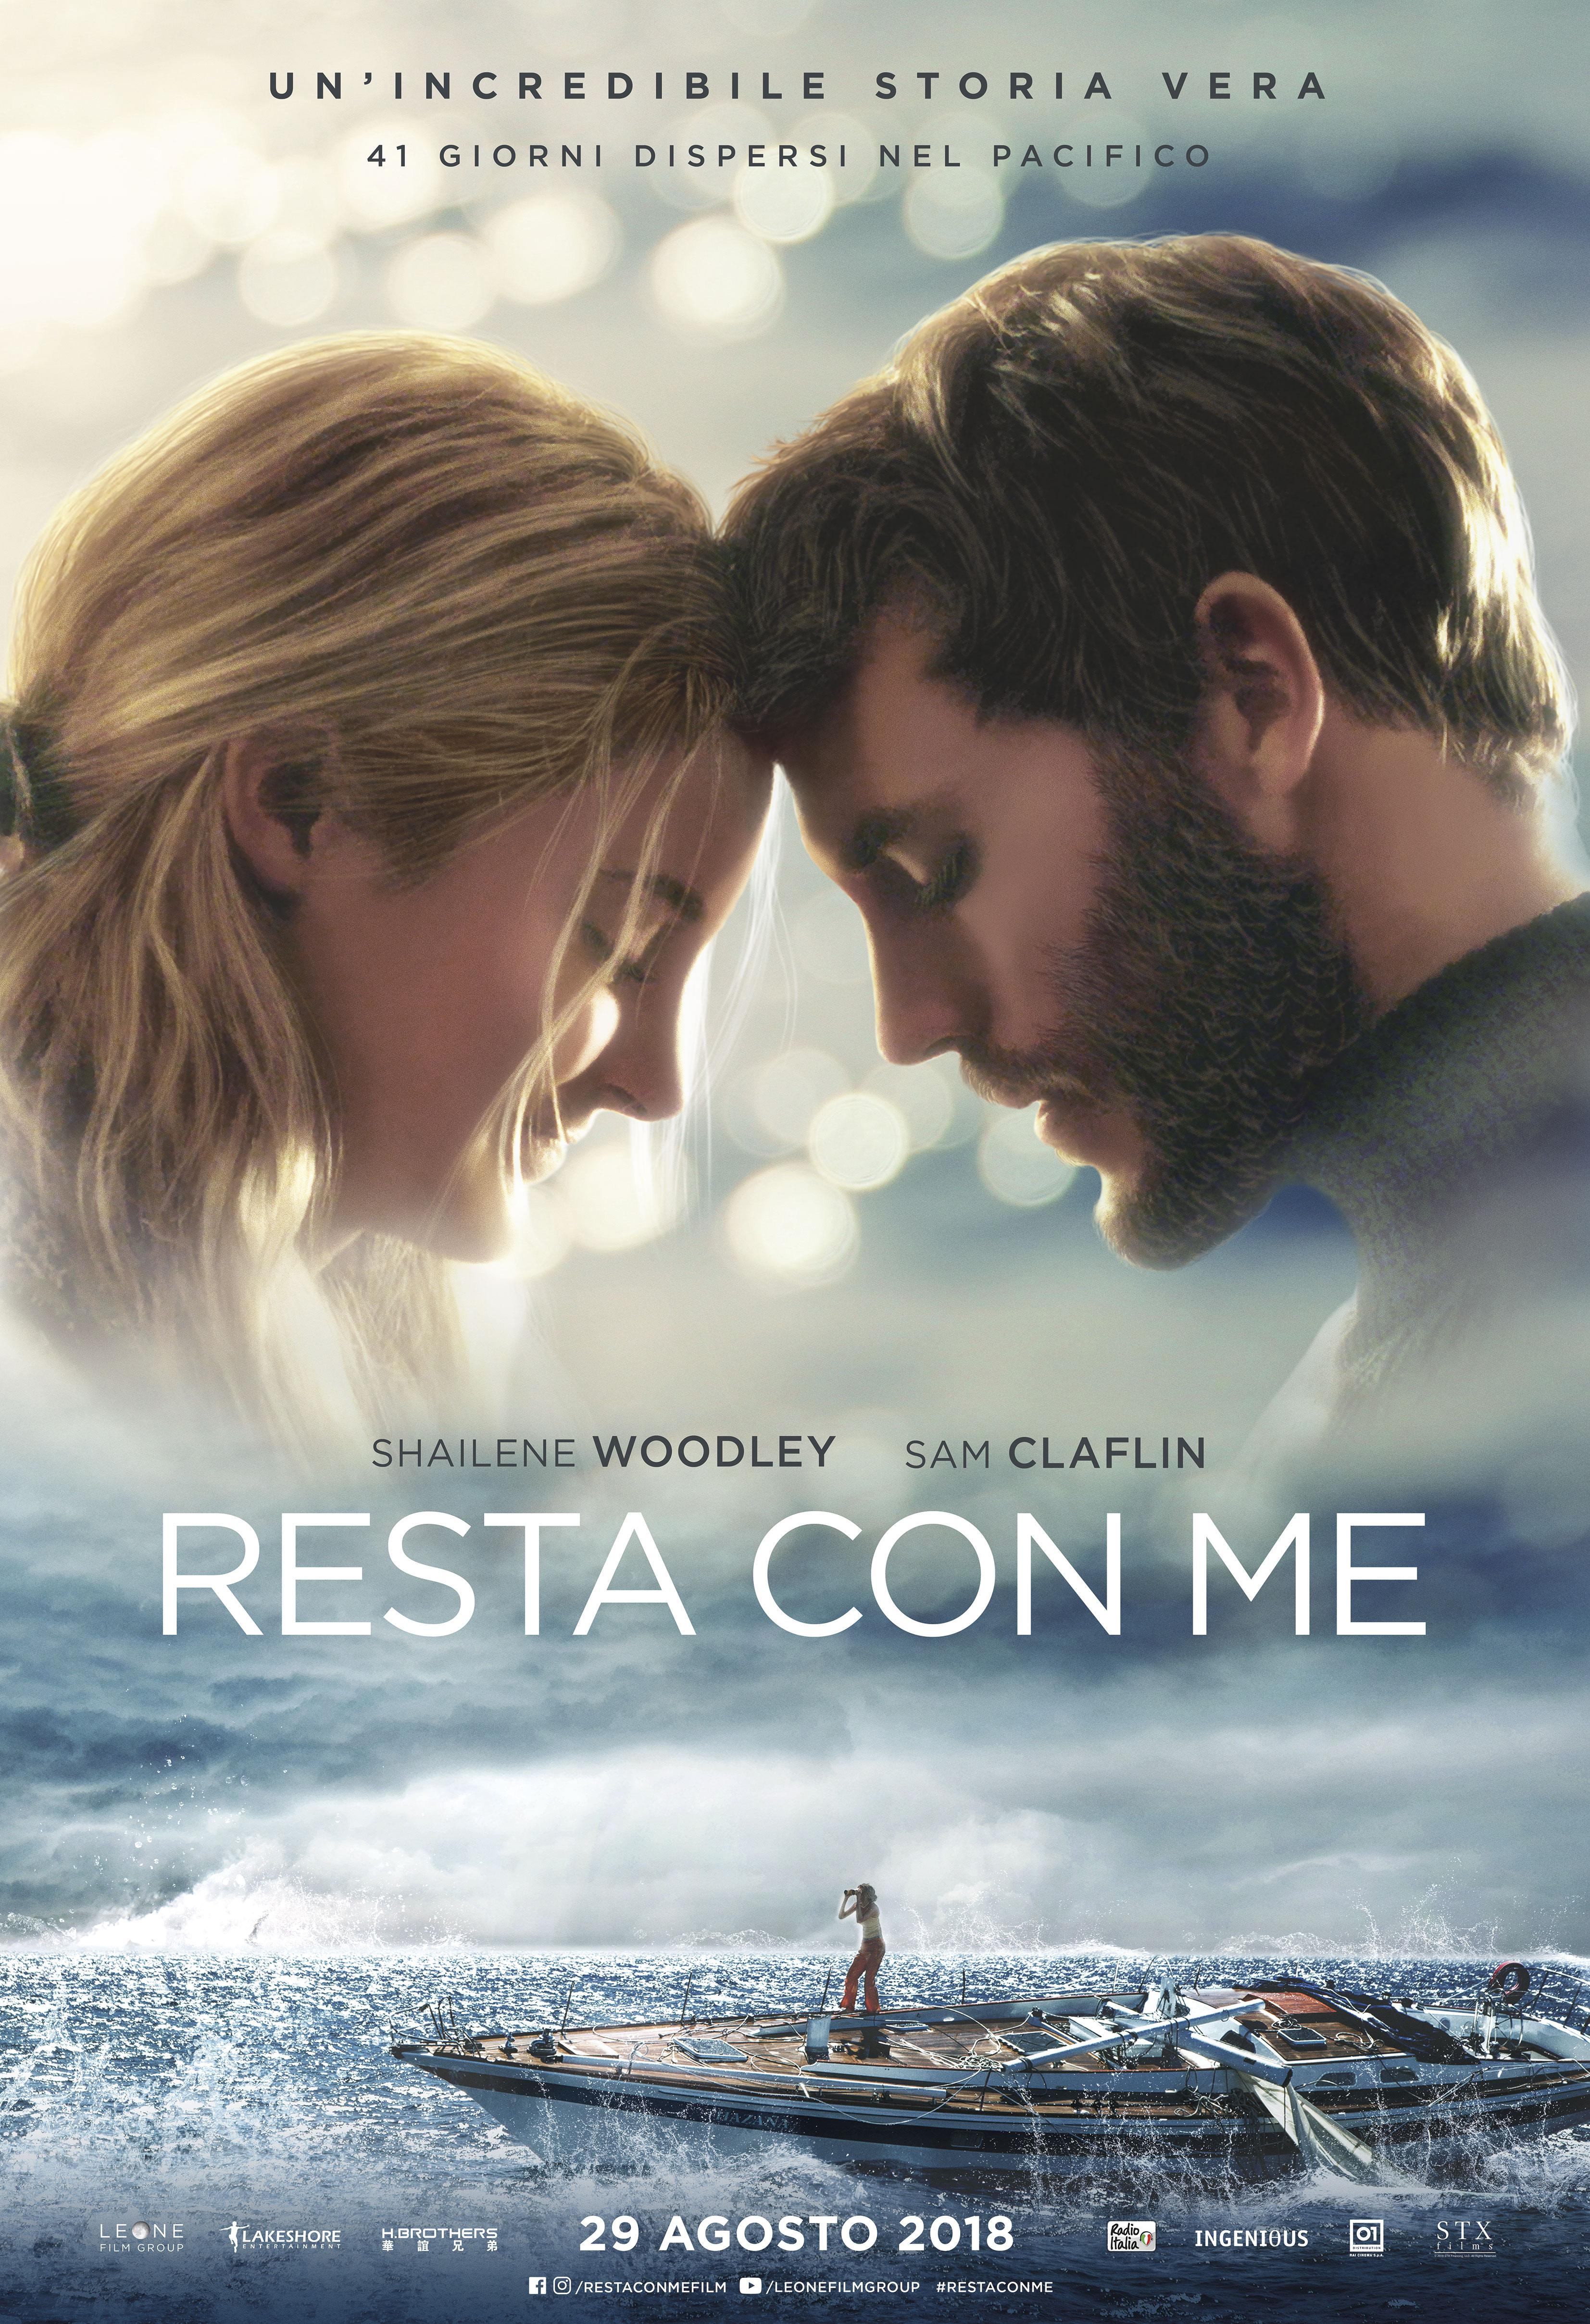 RESTA CON ME - Main Poster